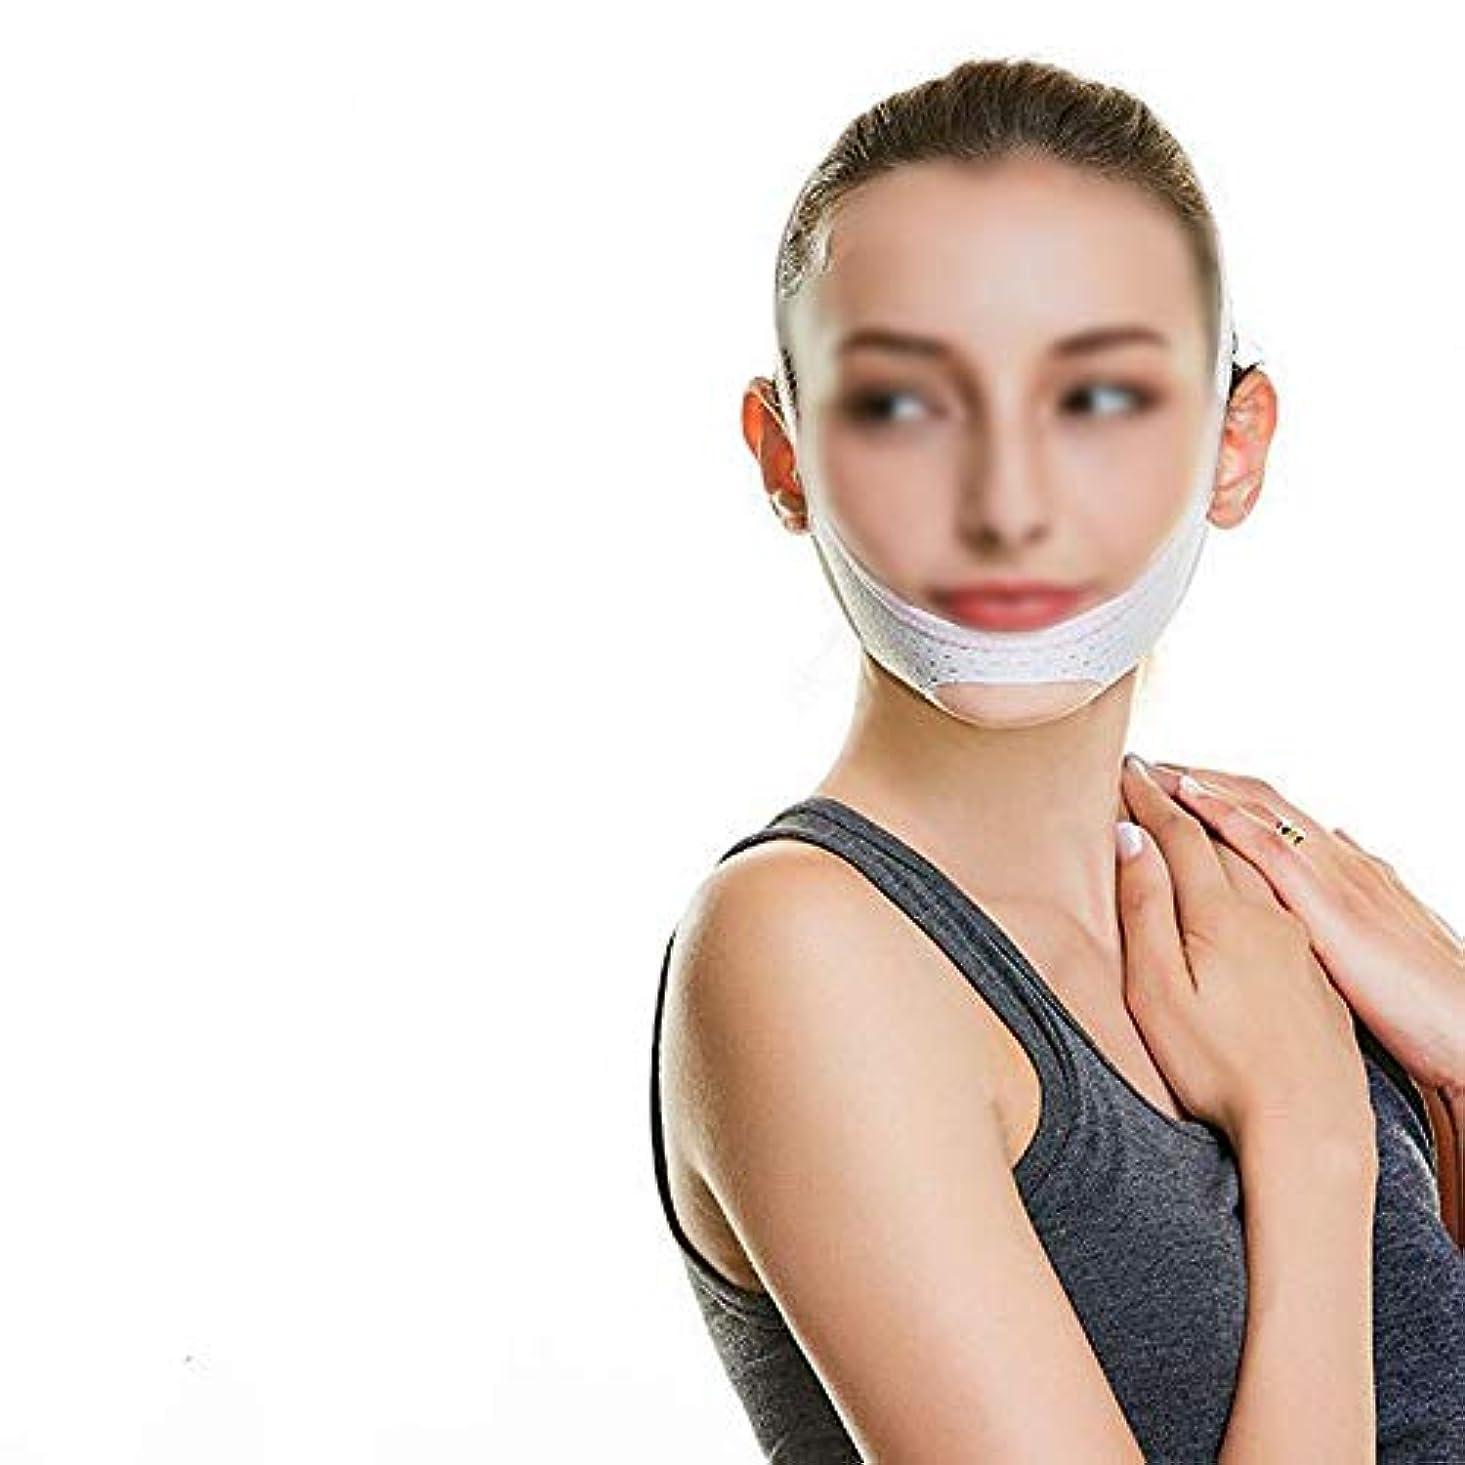 捕虜成果優しさTLMY フェイスリフティング包帯回復マスクあごVフェイスリフト引き締め睡眠薄い顔アーティファクト 顔用整形マスク